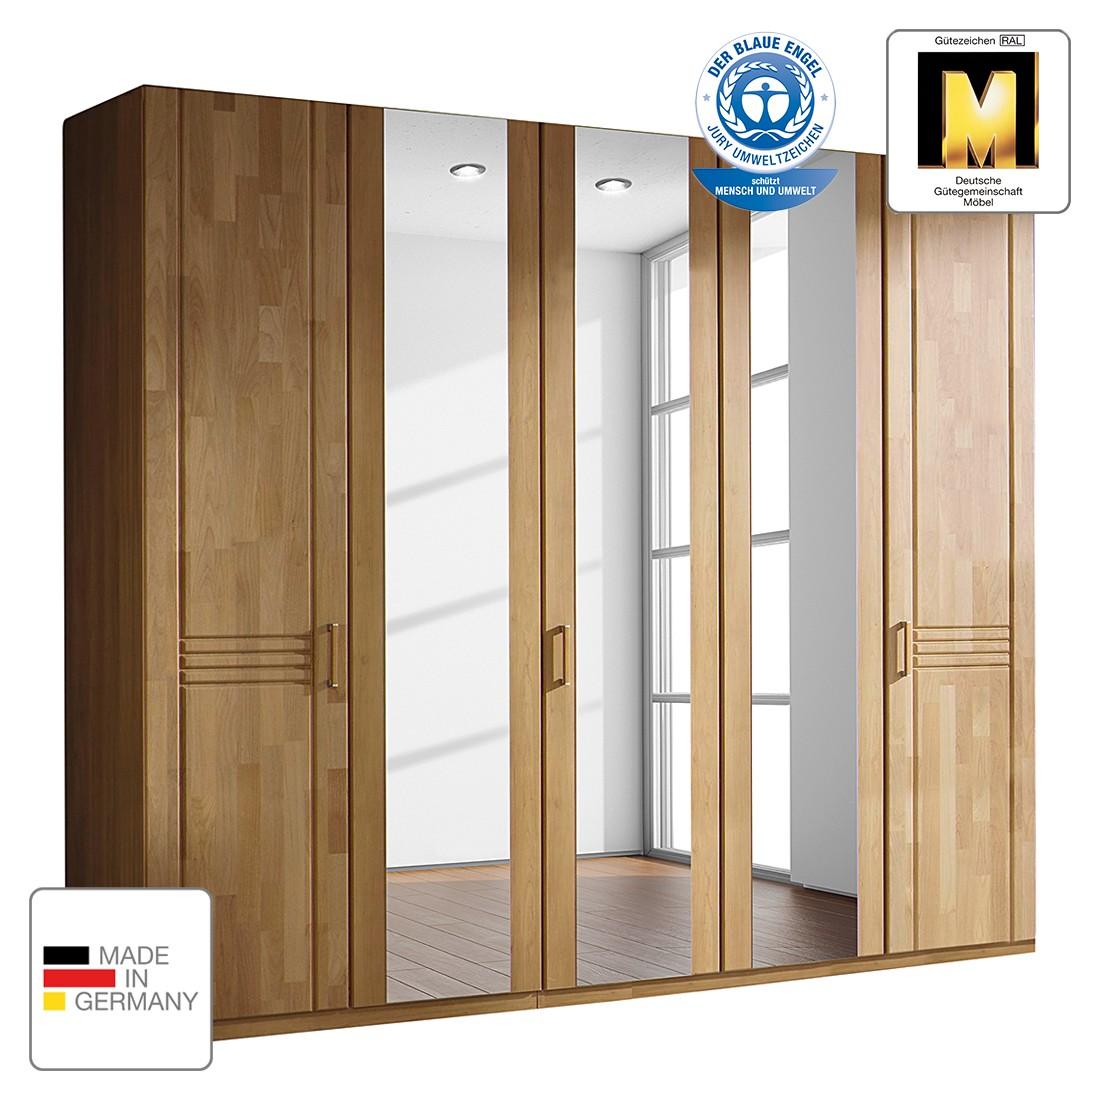 goedkoop Draaideurkast Savina Wild eikenhout 375cm 8 deurs 2 spiegeldeuren Zonder Passe partout lijst Rauch Steffen